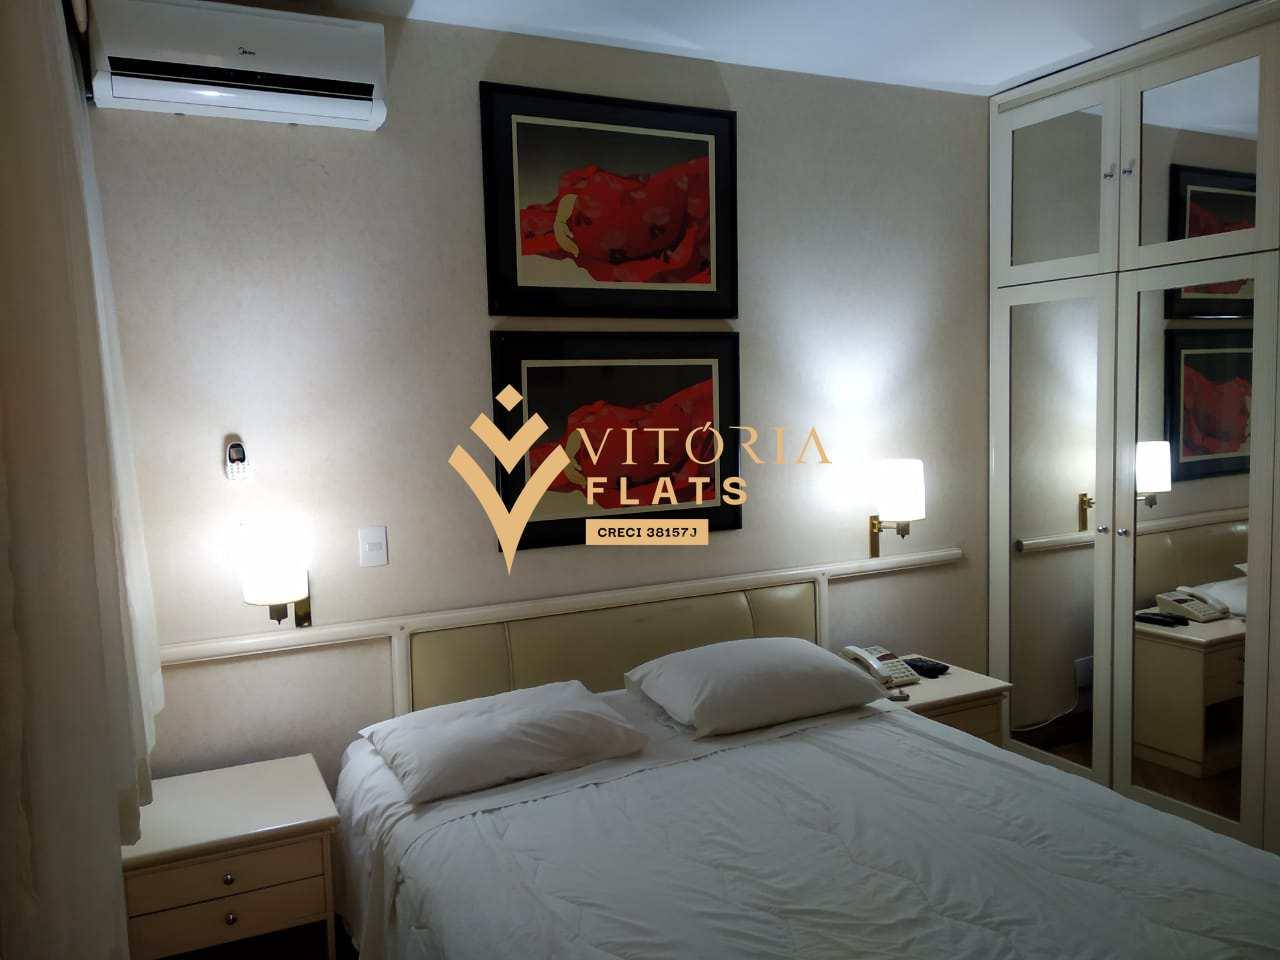 Flat com 1 dorm, Bela Vista, São Paulo, Cod: 64426489